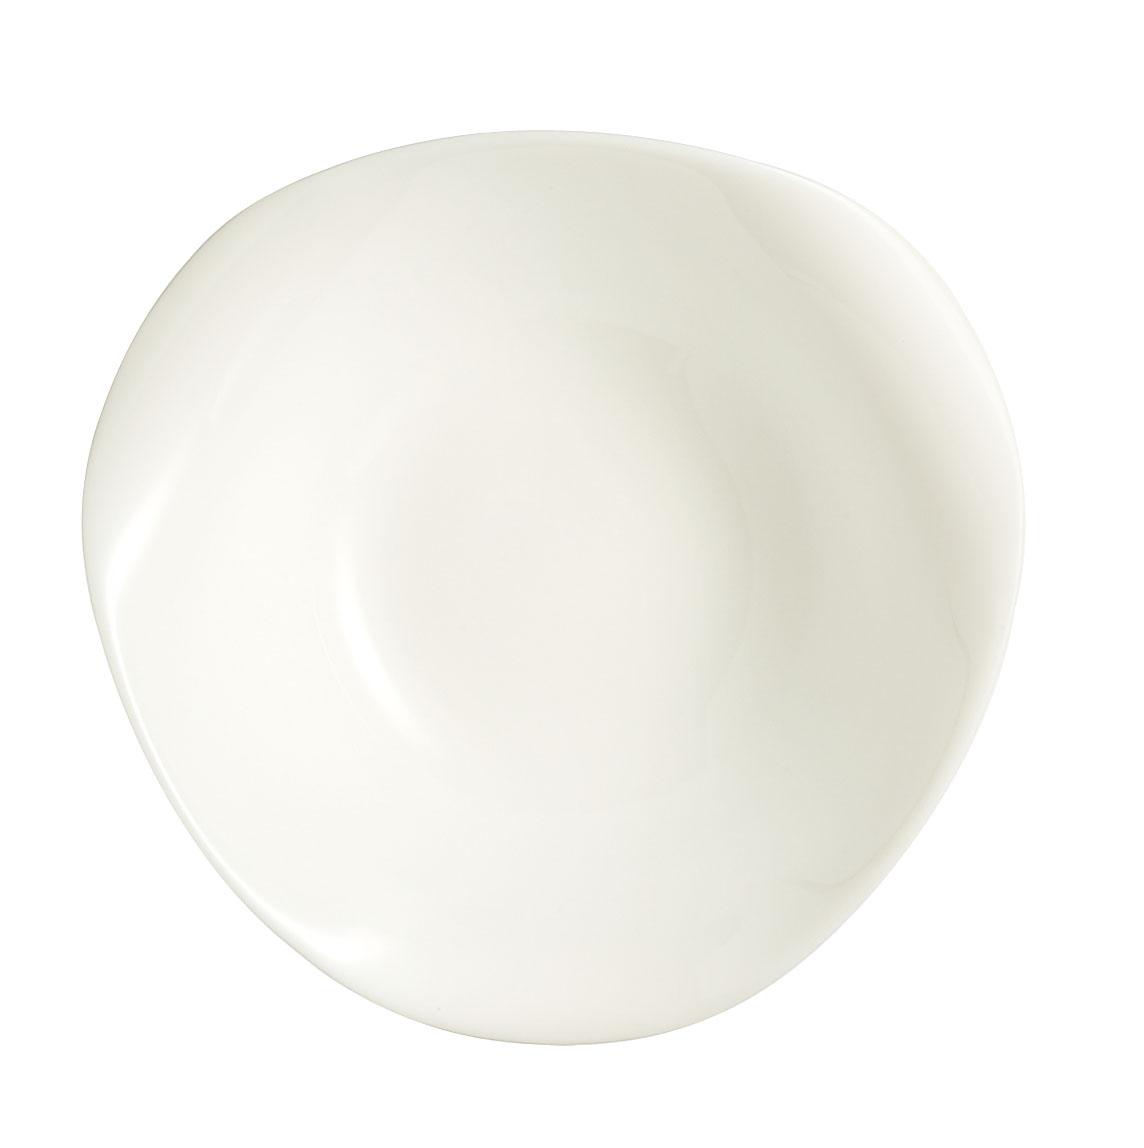 Салатник Luminarc Volare, 16 х 16 смG0734Салатник Luminarc Volare выполнен из высококачественного стекла. Изделие сочетает в себе изысканный дизайн с максимальной функциональностью. Он прекрасно впишется в интерьер вашей кухни и станет достойным дополнением к кухонному инвентарю. Размер салатника (по верхнему краю): 16 х 16 см.